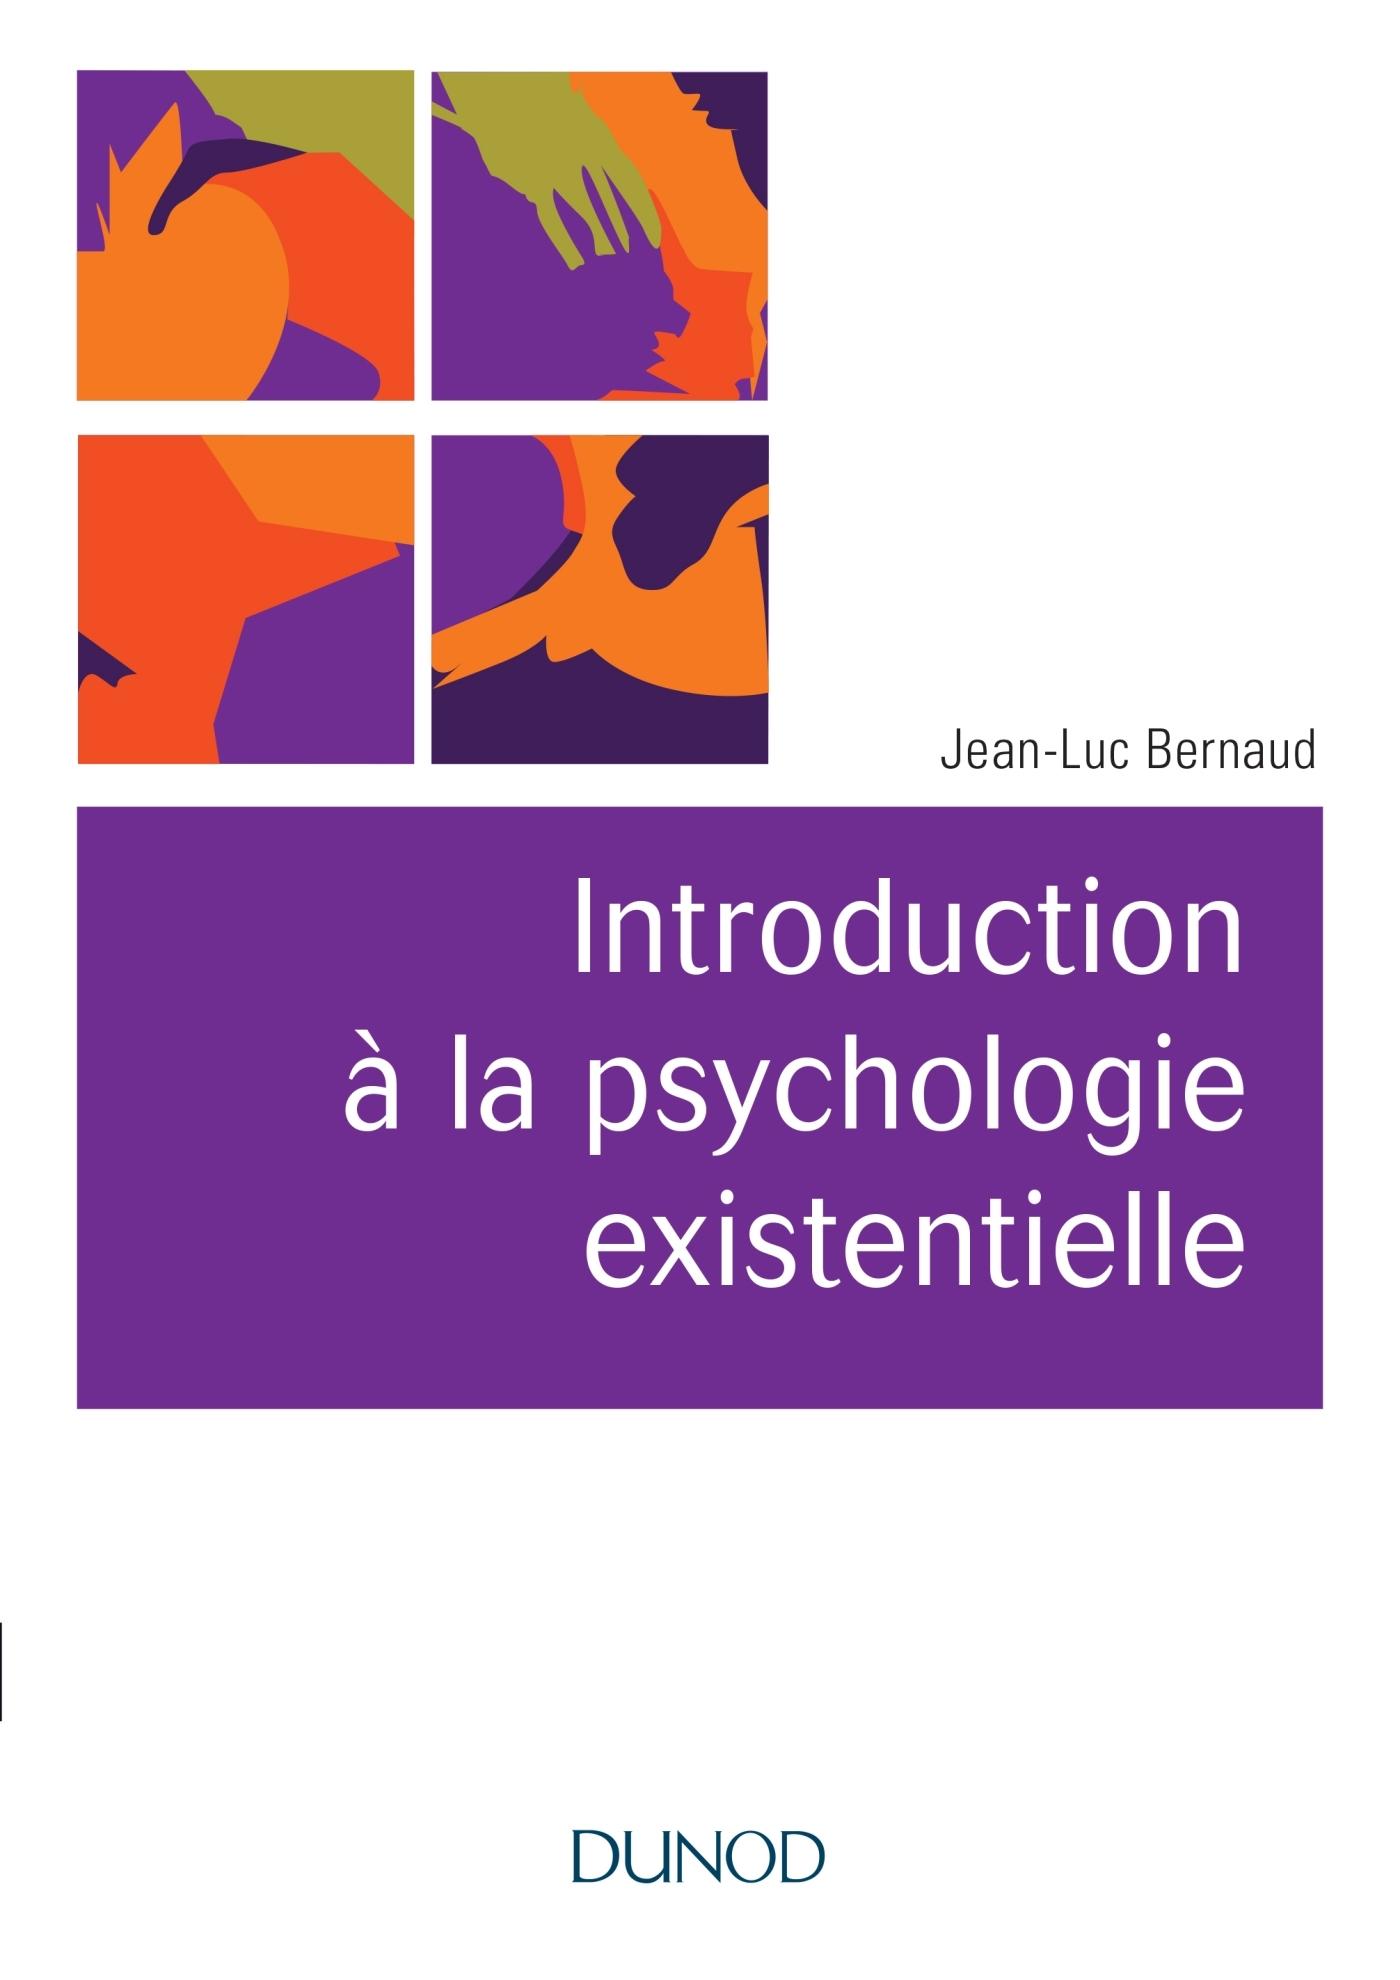 INTRODUCTION A LA PSYCHOLOGIE EXISTENTIELLE